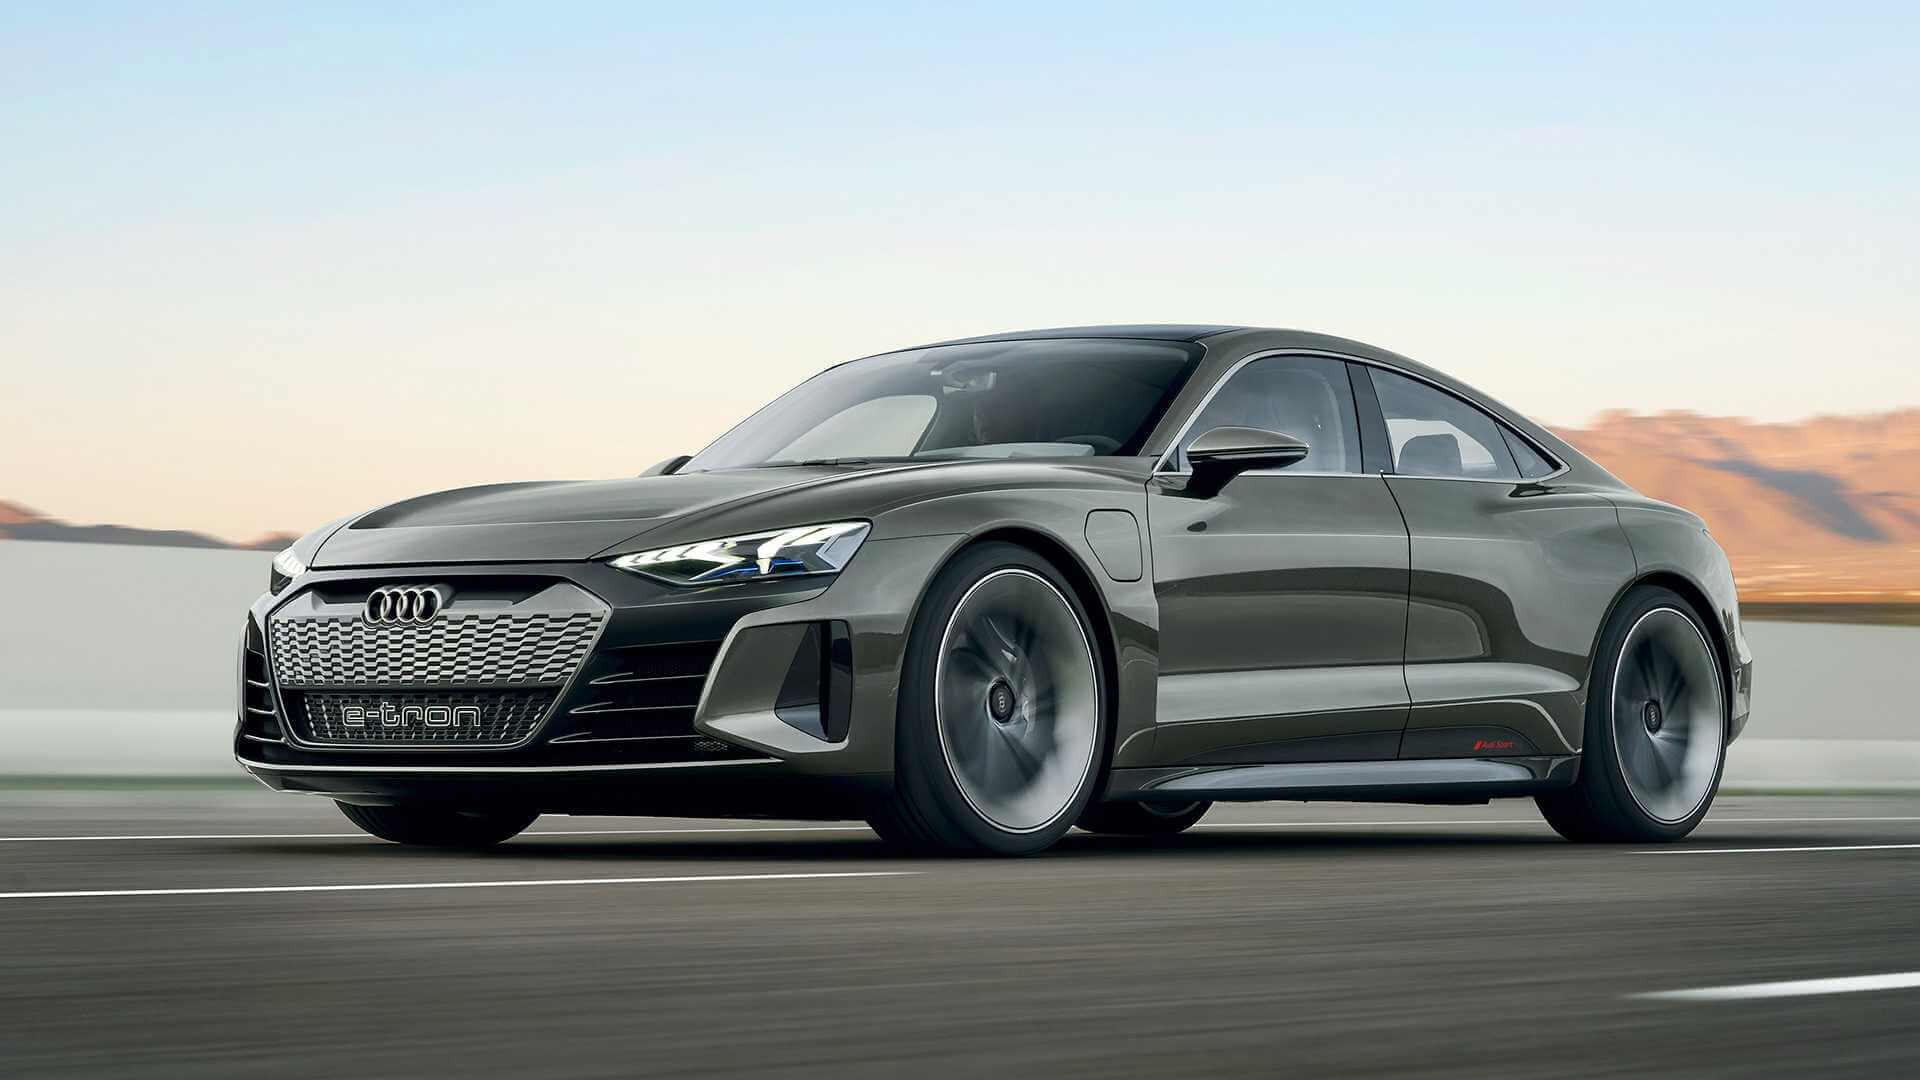 2019 Audi E Tron Gt Concept 2